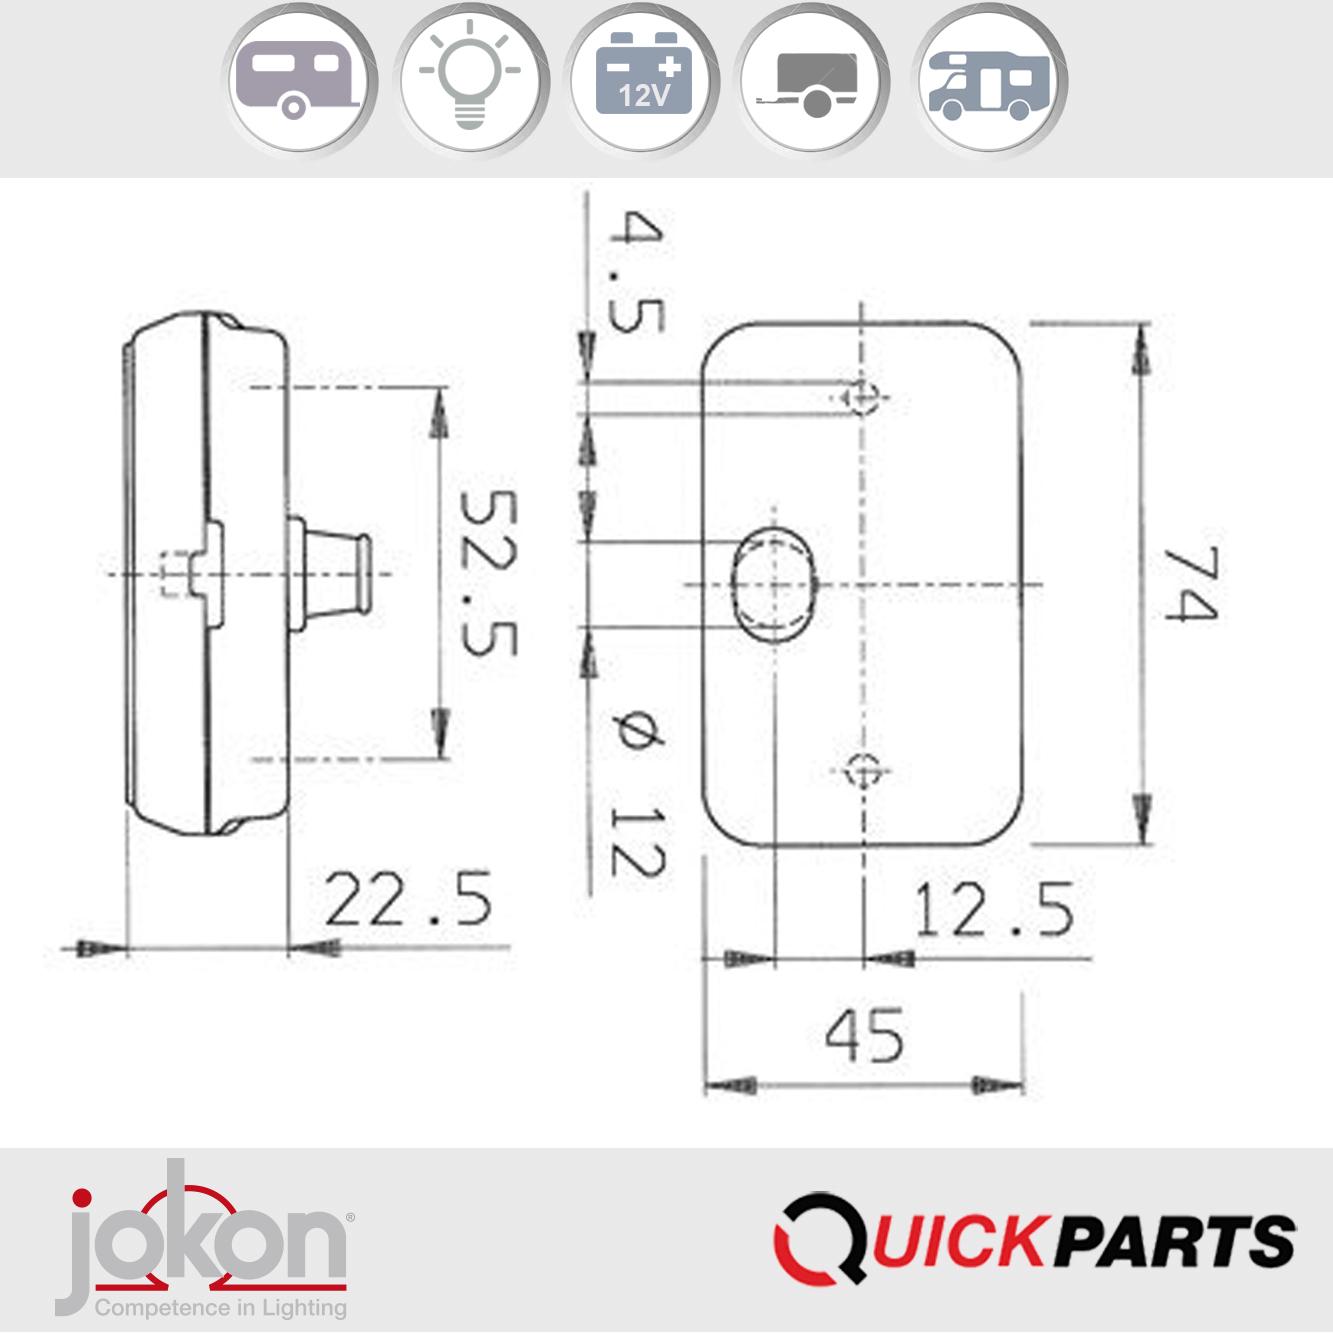 Feux de position avant | 12V | Jokon E1 0221653